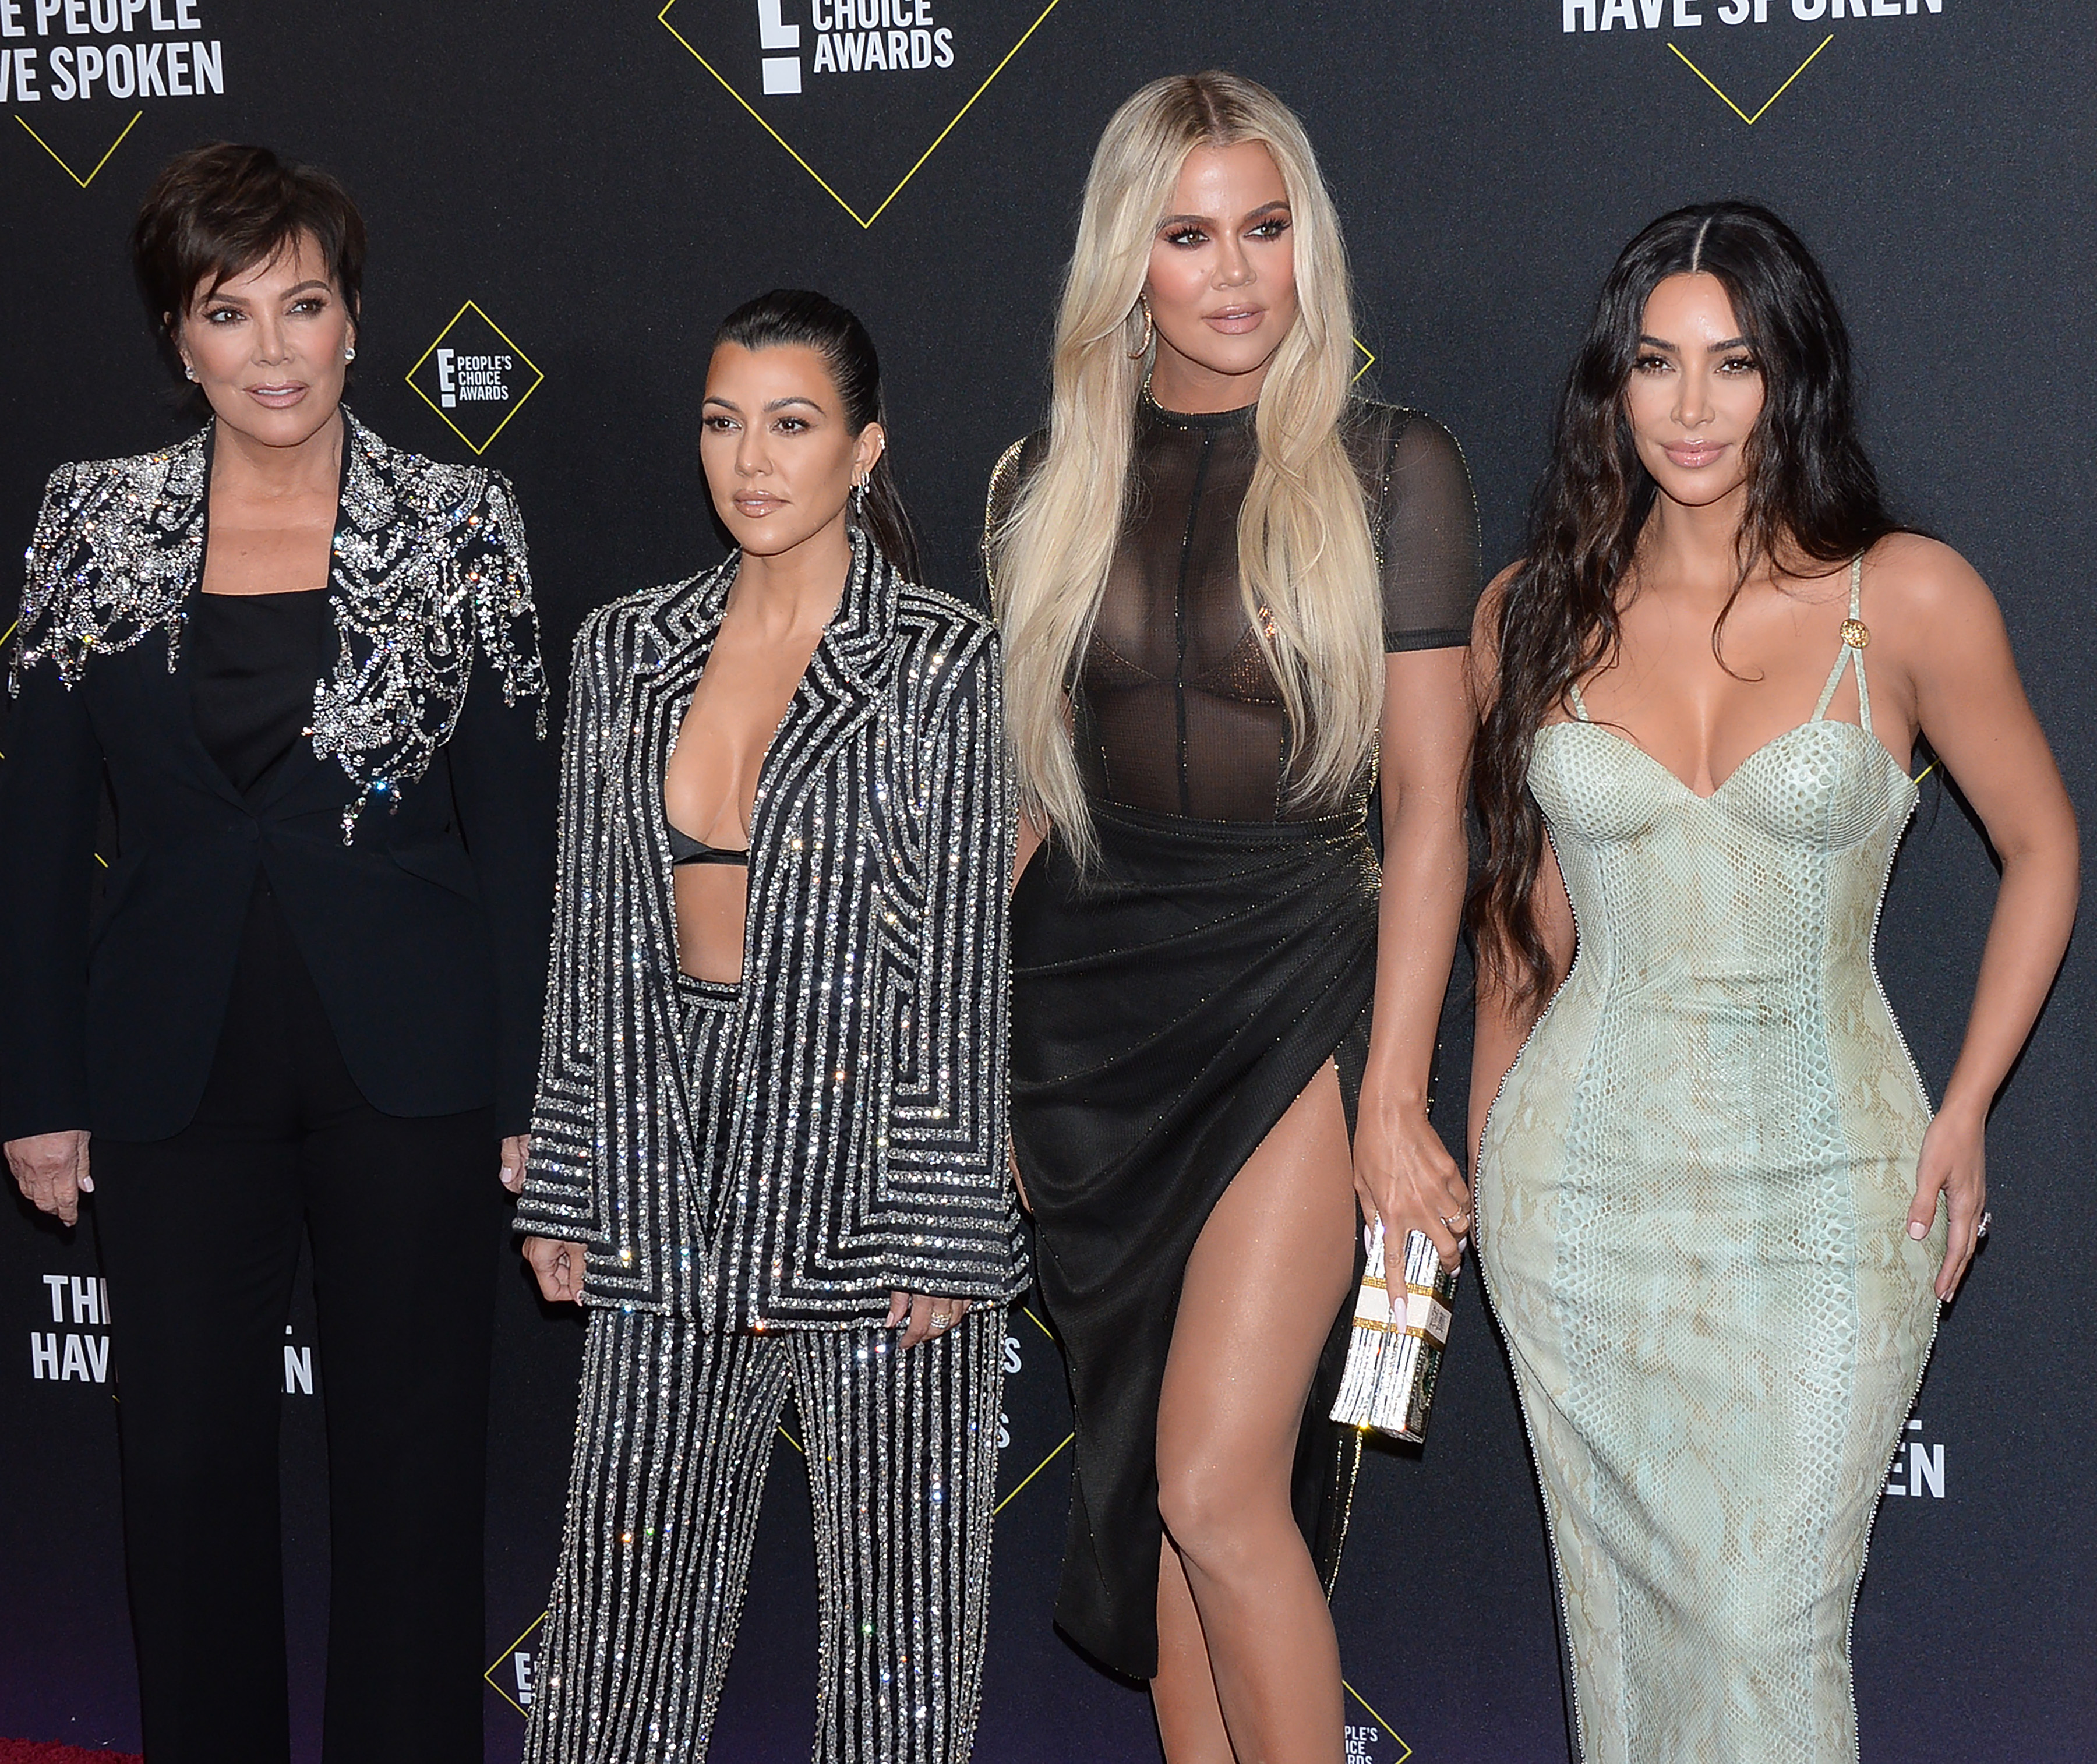 Είναι τα ματ νύχια η νέα τάση; Ναι, σύμφωνα με τις Kardashian-Jenner!